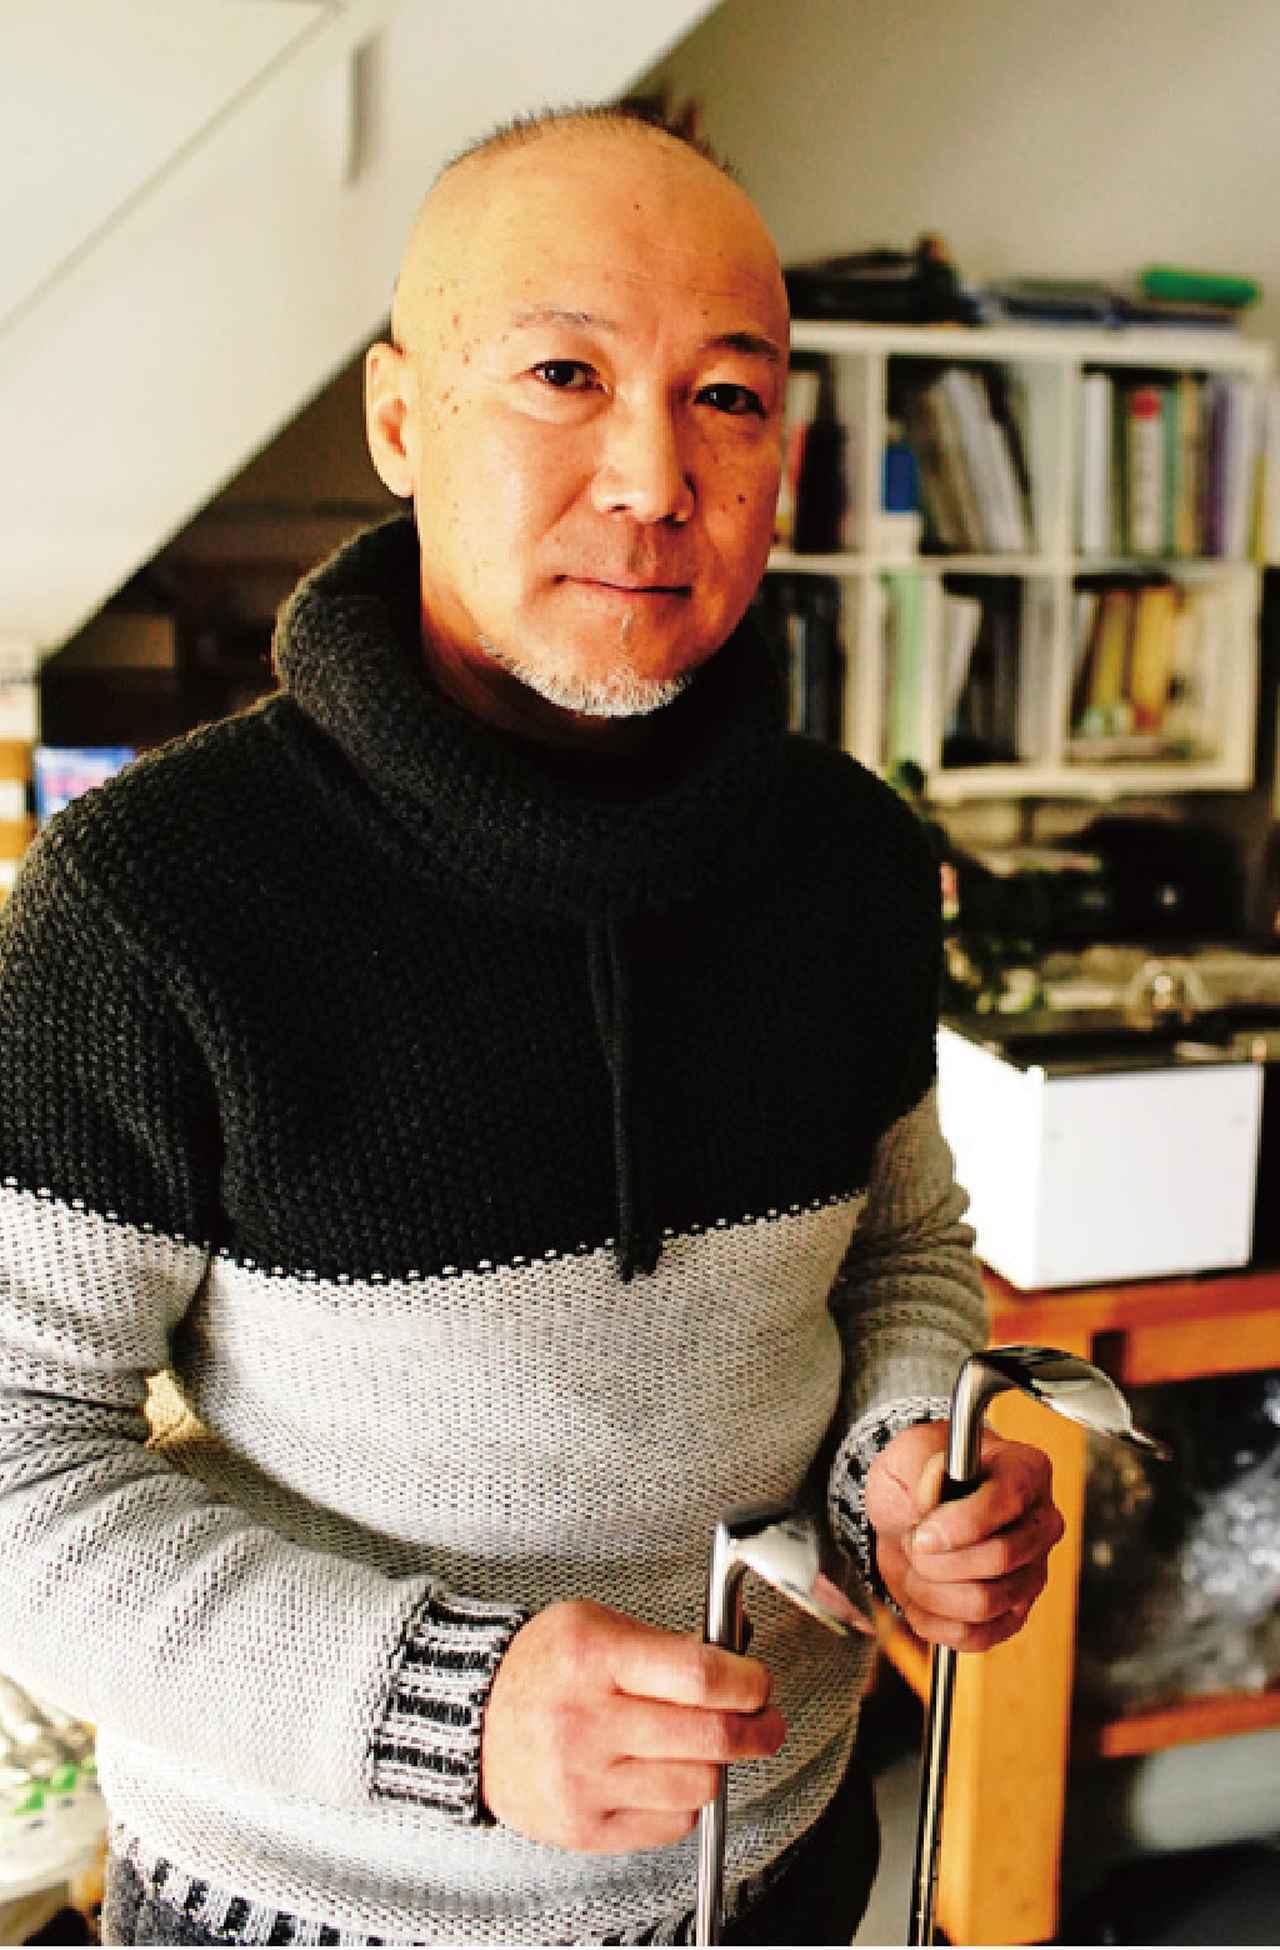 画像: 【削り/平野吉純さん】 ひらのよしずみ。兵庫県川西市で「ワークランドゴルフクラブデ ザイン」主宰。あらゆるゴルファーの悩みに応えてくれる職人